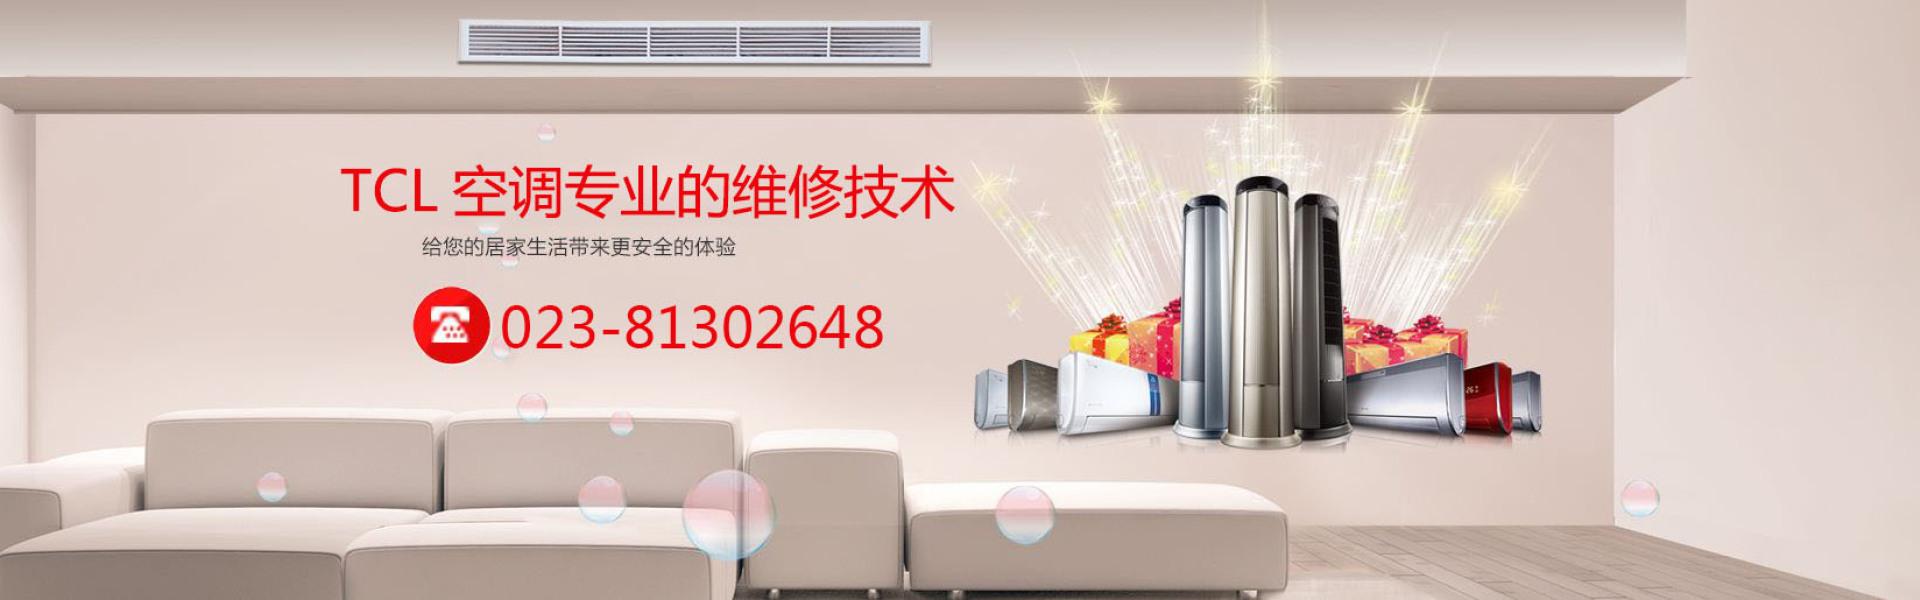 重庆tcl空调维修电话